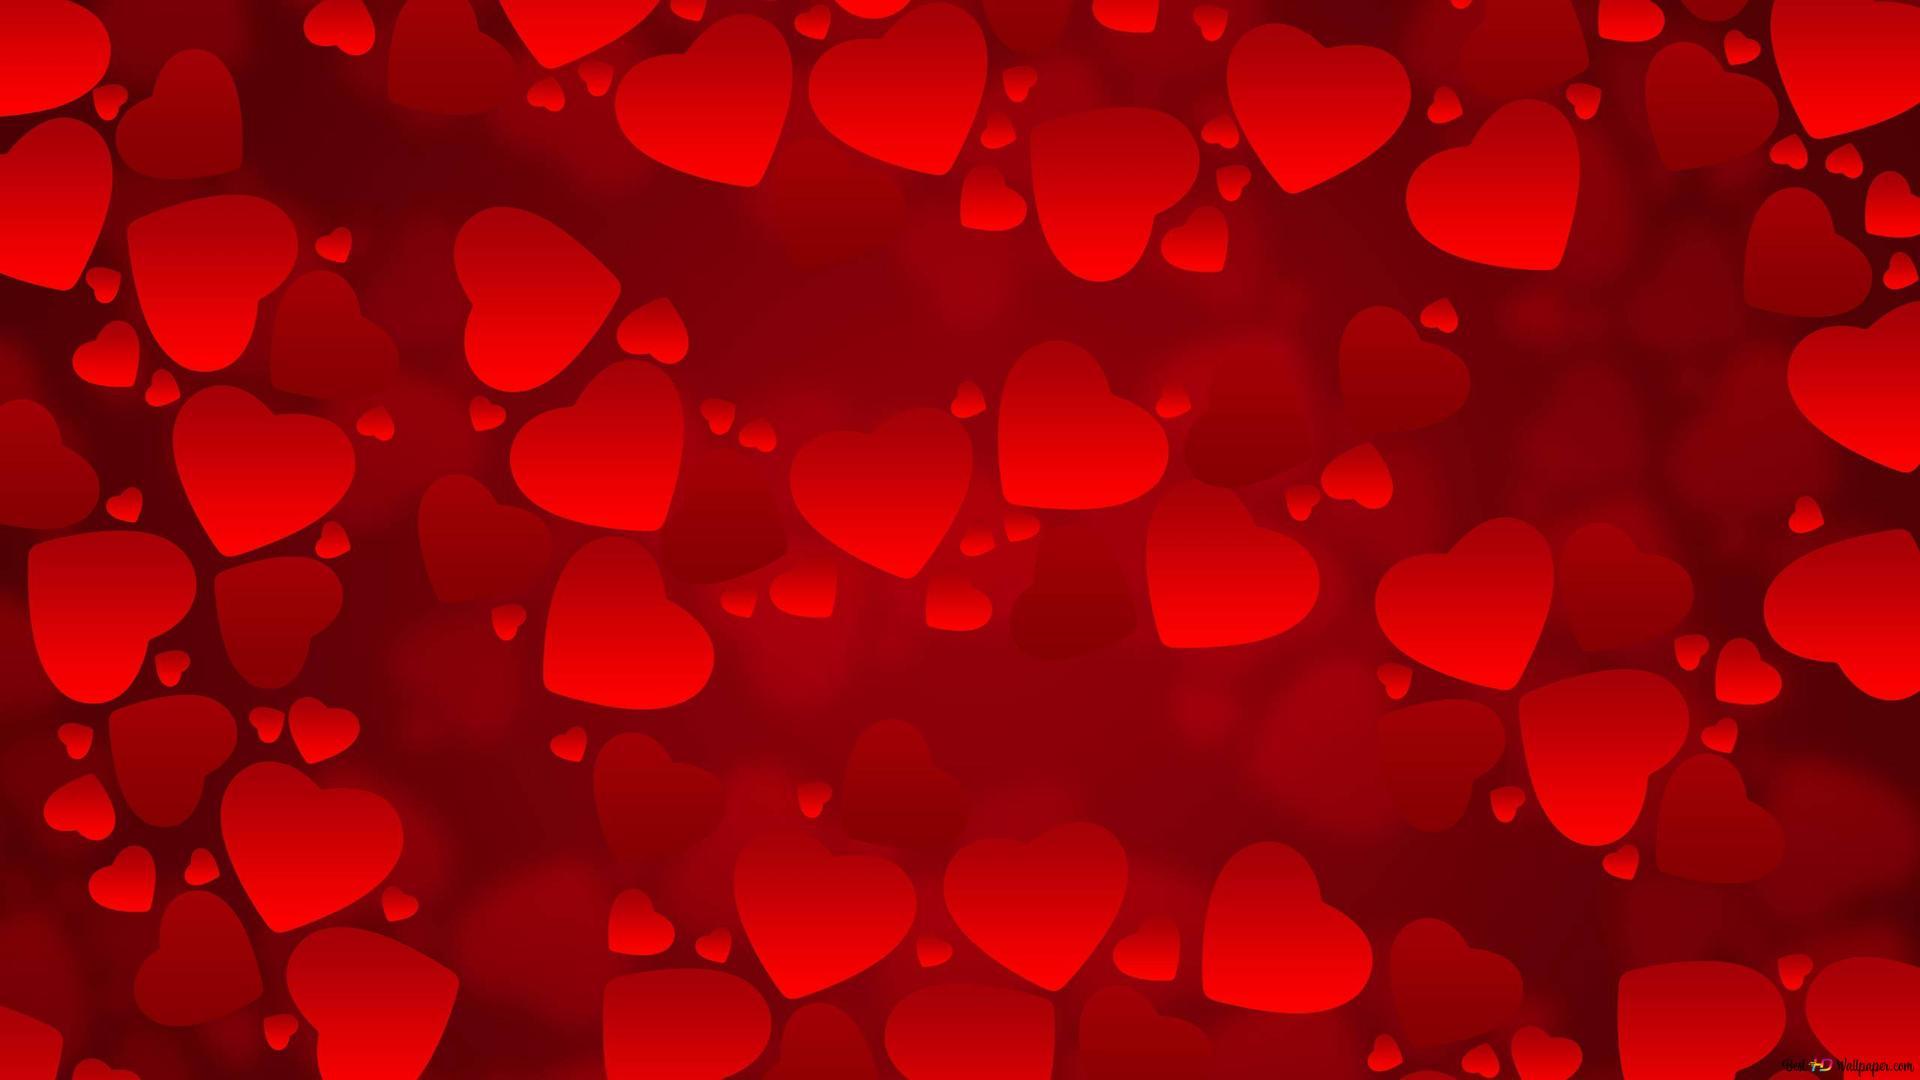 Awesome Sfondo Rosso 1920x1080 Sfondo